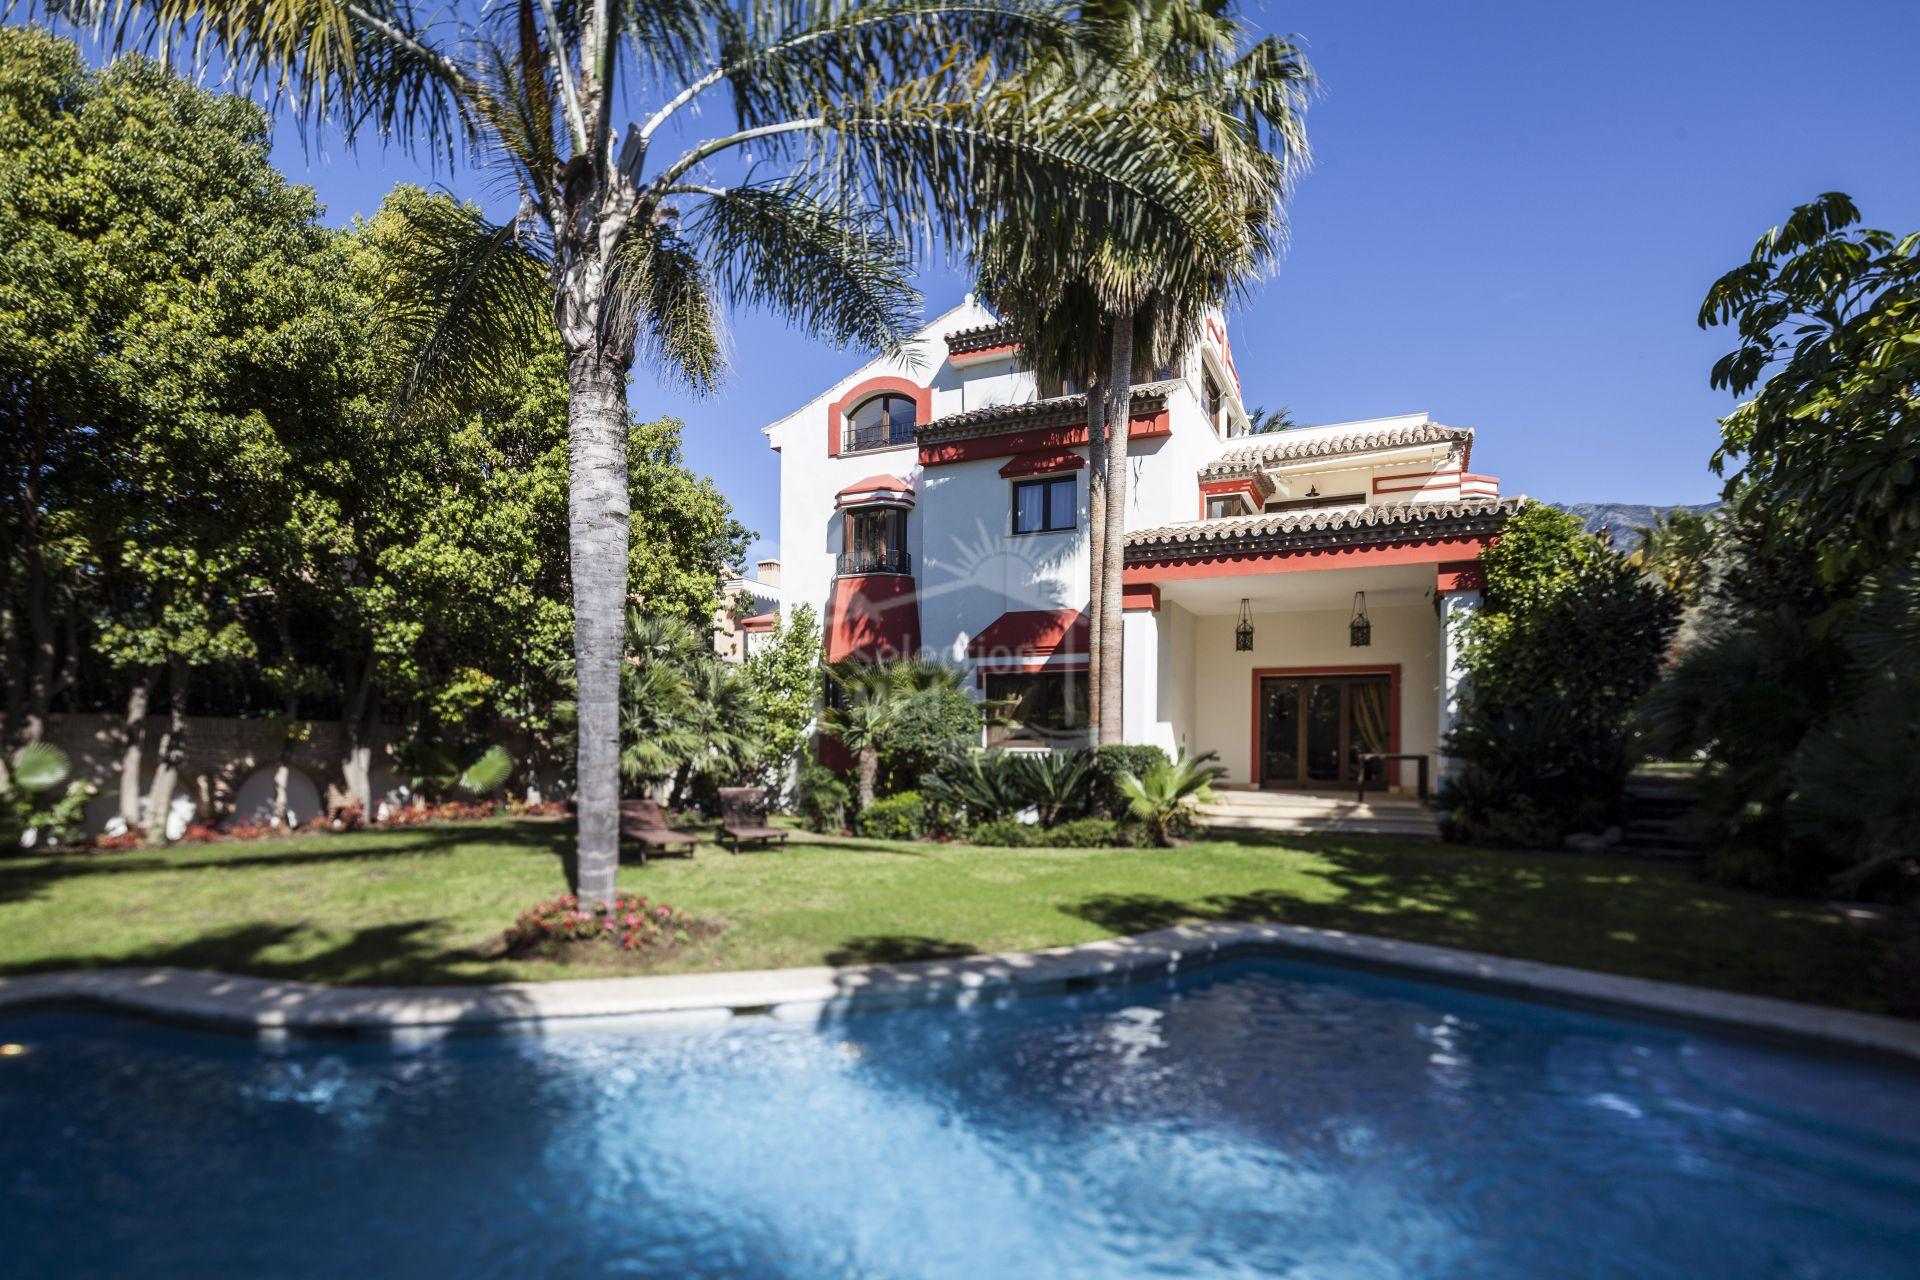 Villa in Altos de Puente Romano, Marbella